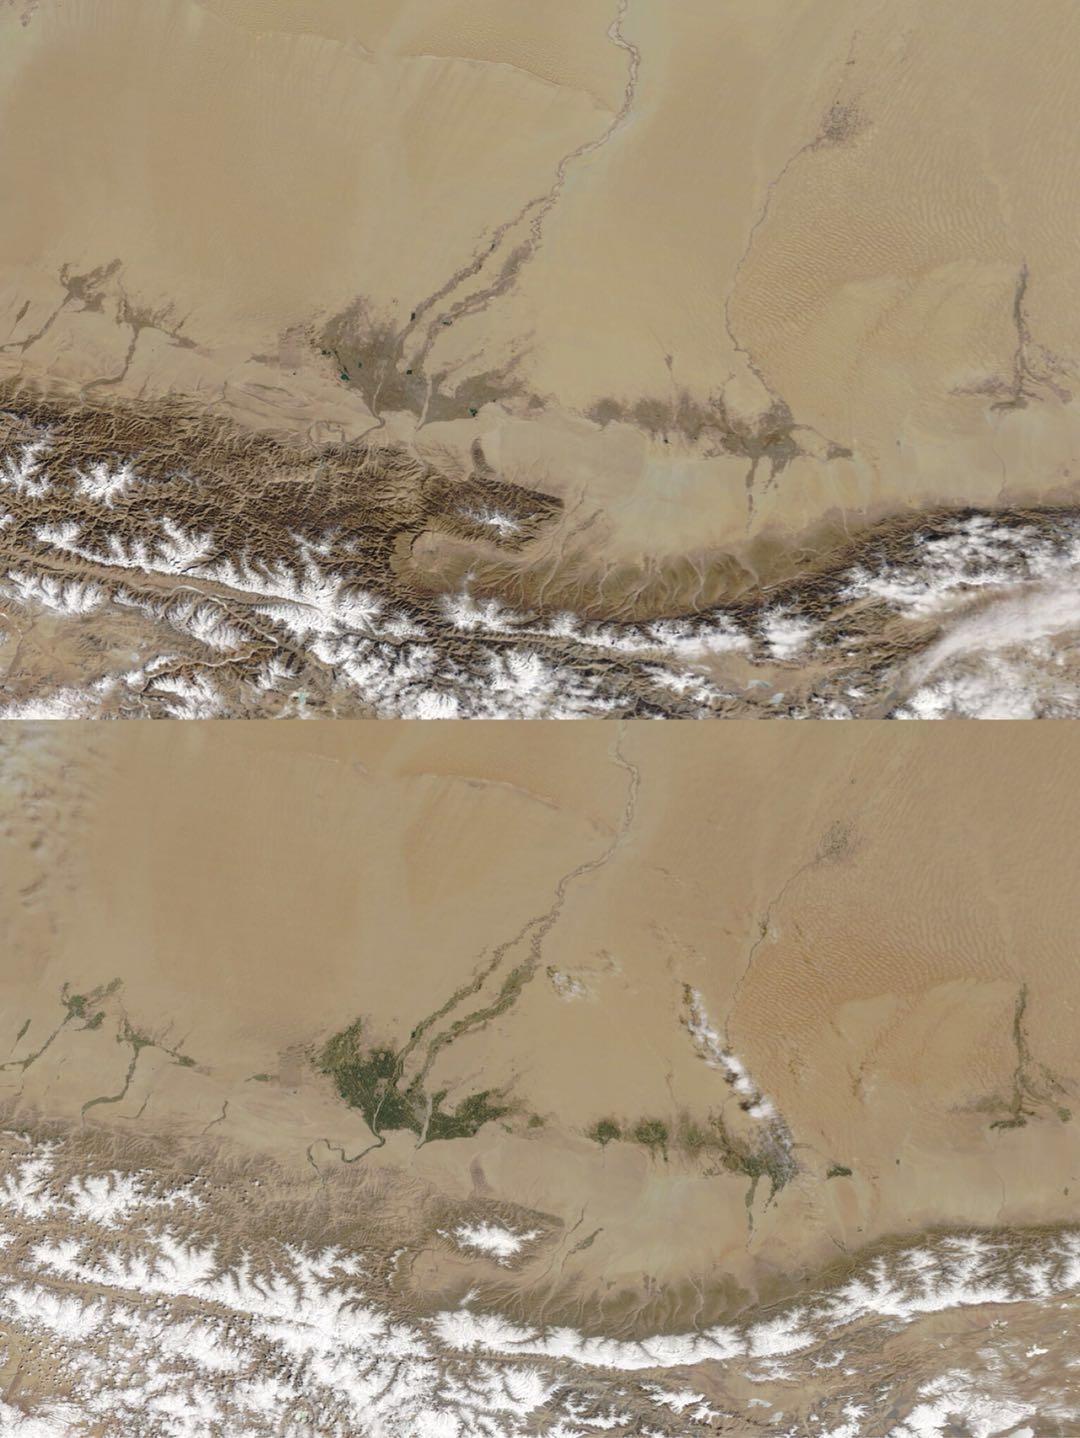 2020年2月23日(上)和2020年4月29日(下)塔克拉玛干沙漠局部